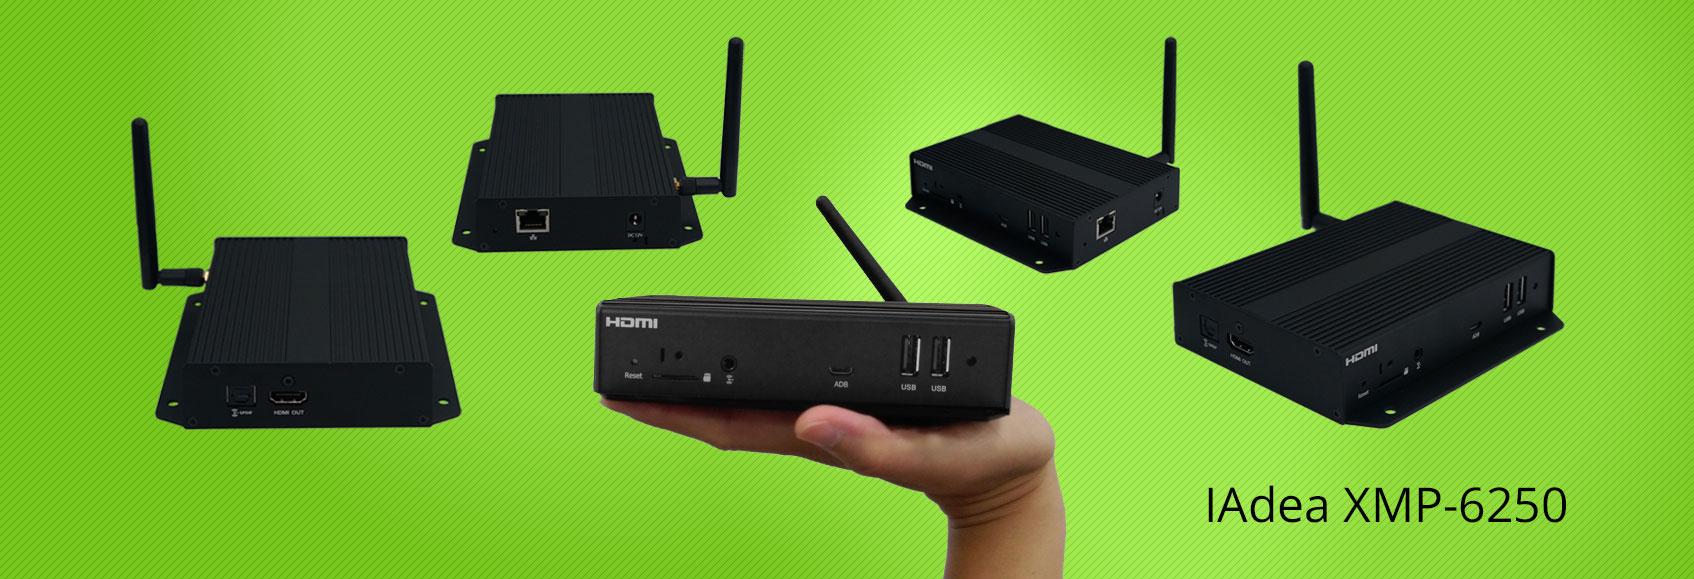 Das Einstiegsmodell von IAdea, der XMP-6250, löst bereits eine Vielzahl der mannigfaltigen Digital-Signage-Anwendungen.